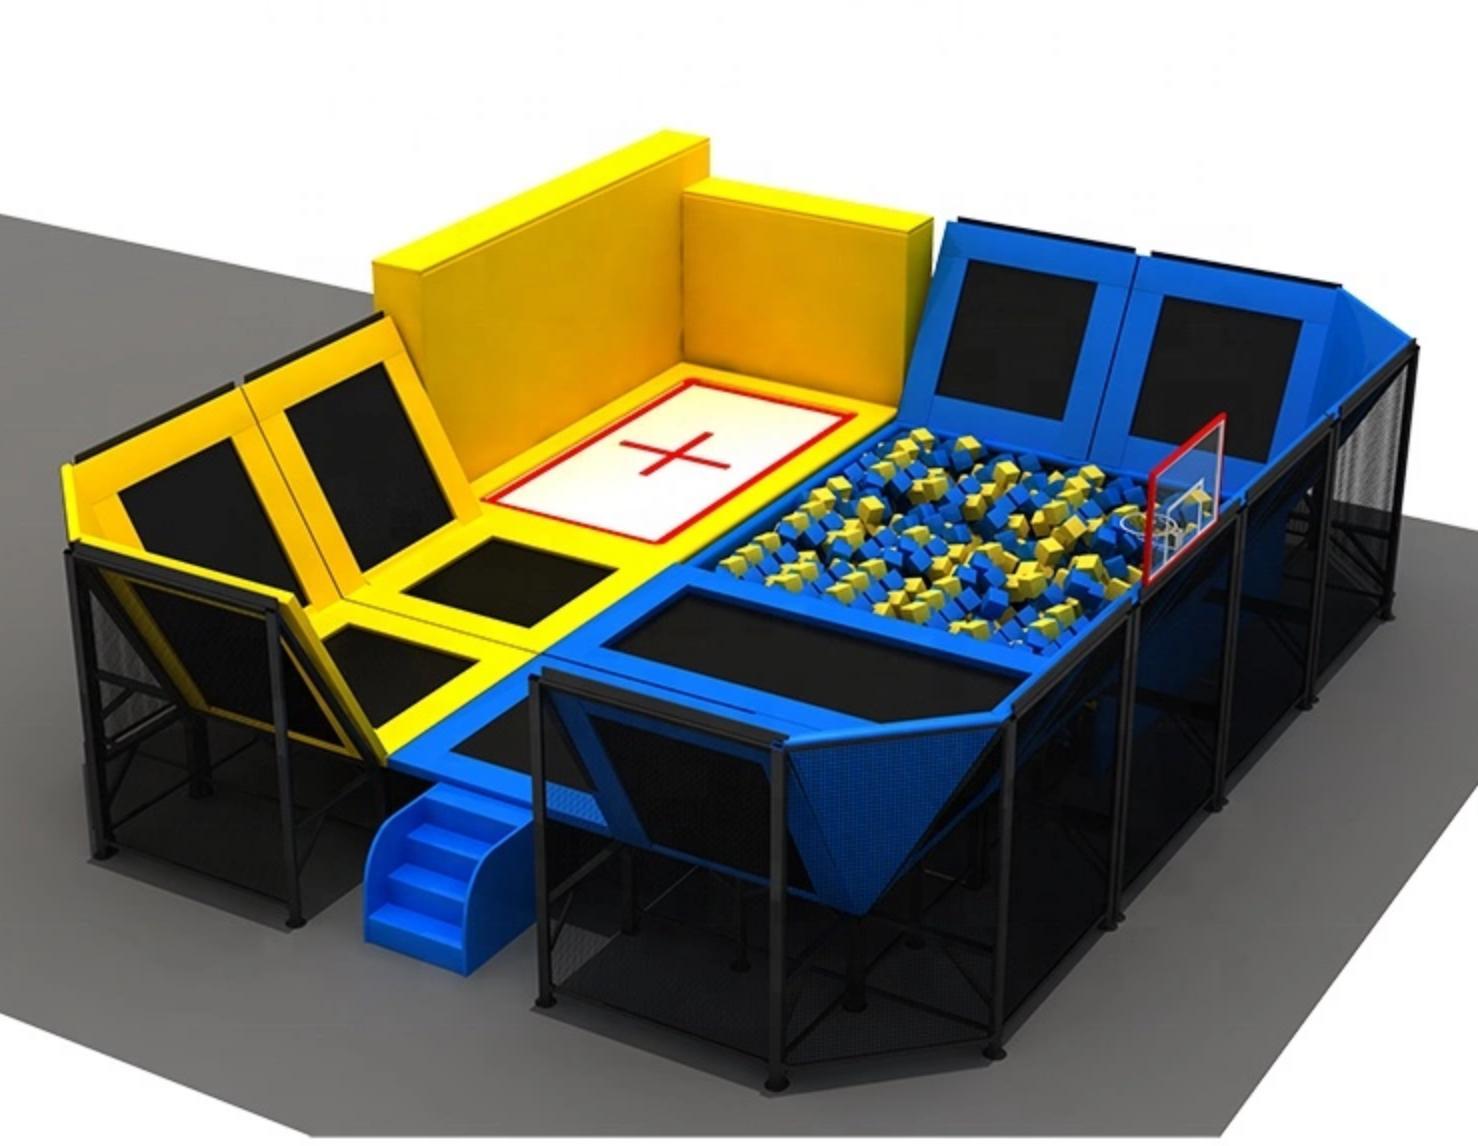 100,000 sqft Ninja Warrior Trampoline Park Foam Pit Inflatab